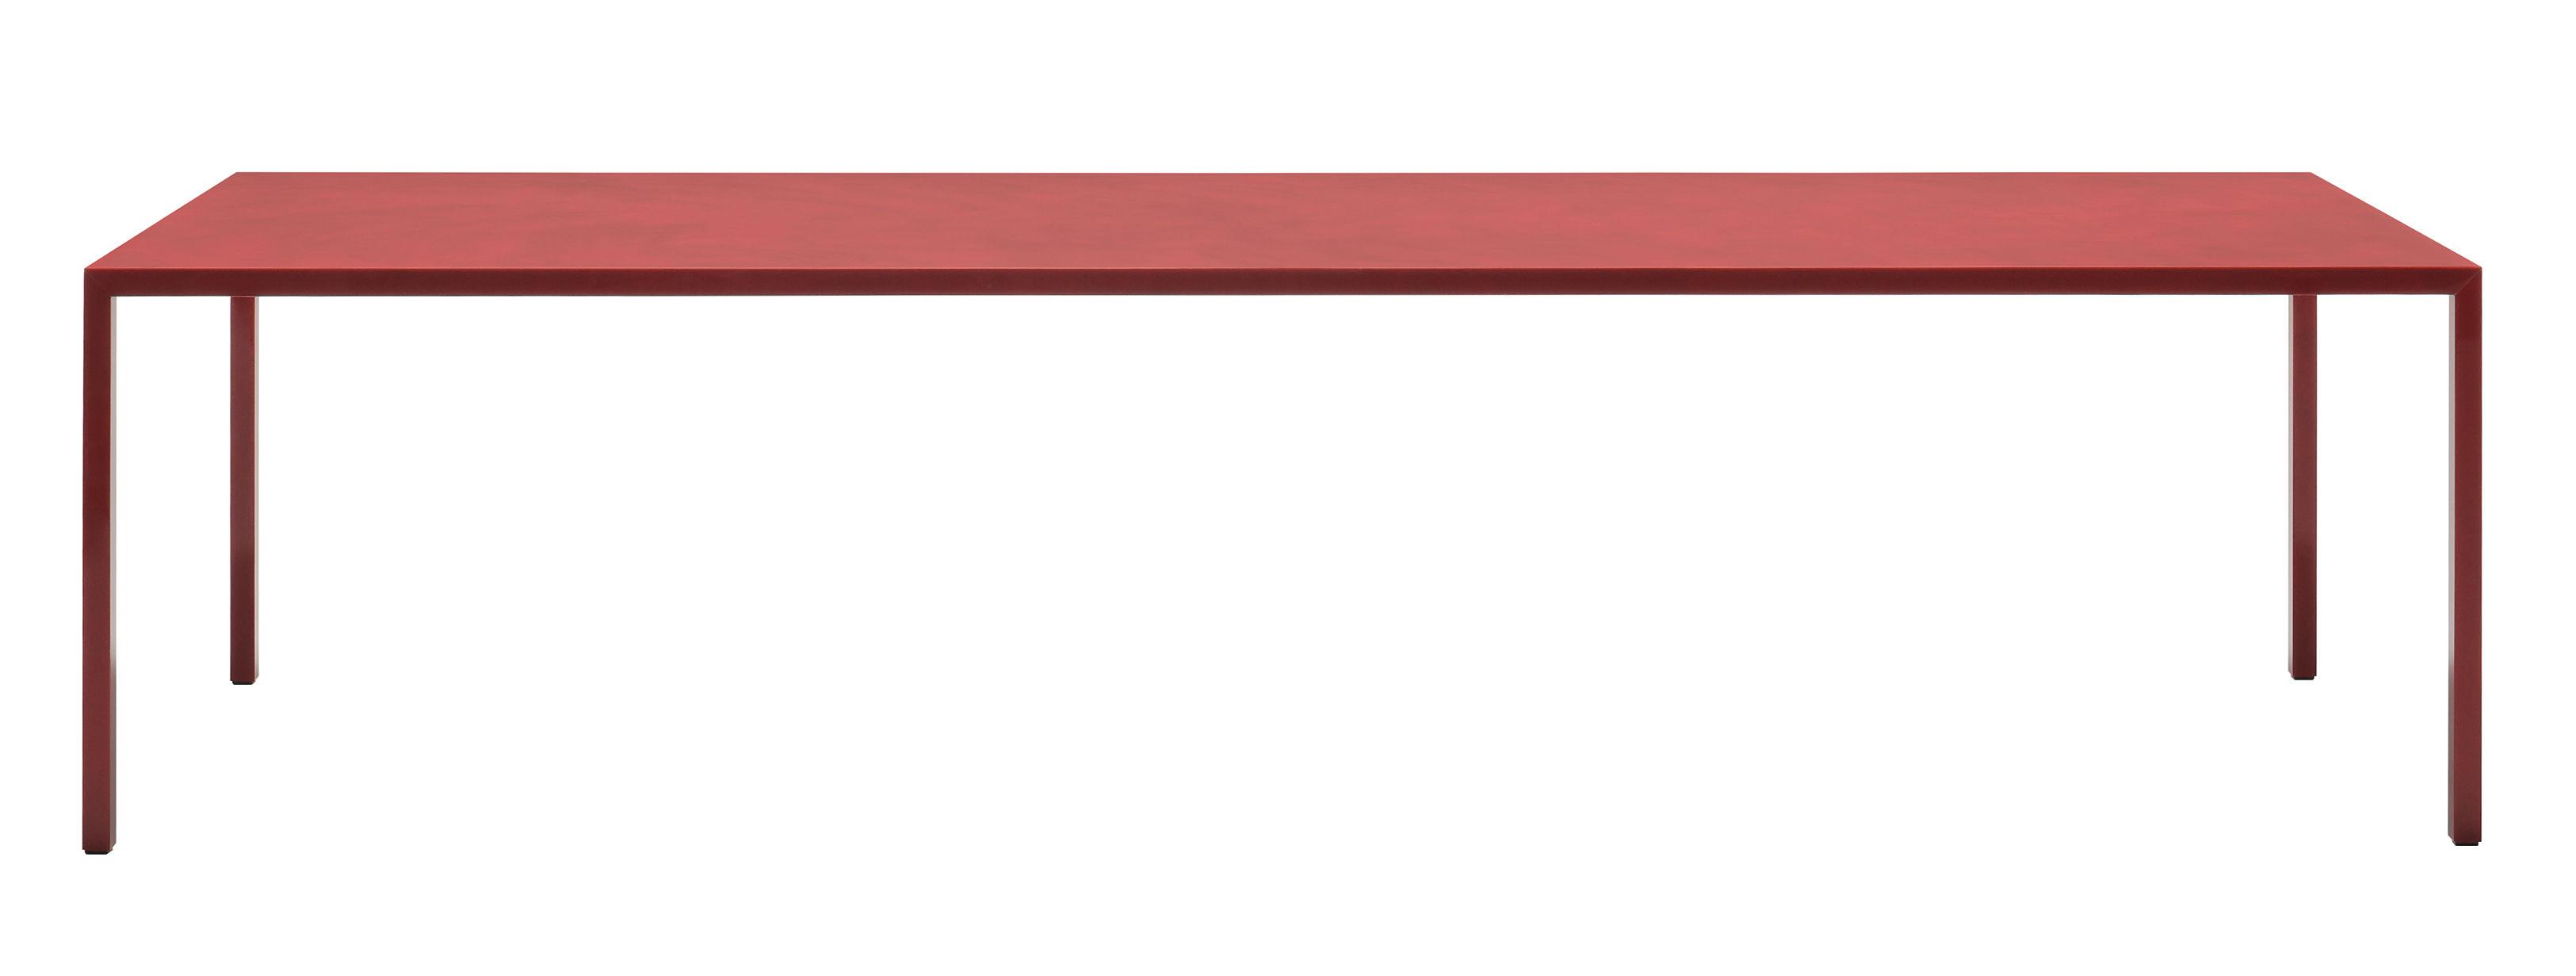 Arredamento - Tavoli - Tavolo rettangolare Tense Material Diamond - / 90 x 220 cm - Resina acrilico di MDF Italia - Rosso laccato Diamond - Acciaio, Pannello composito, Resina acrilica